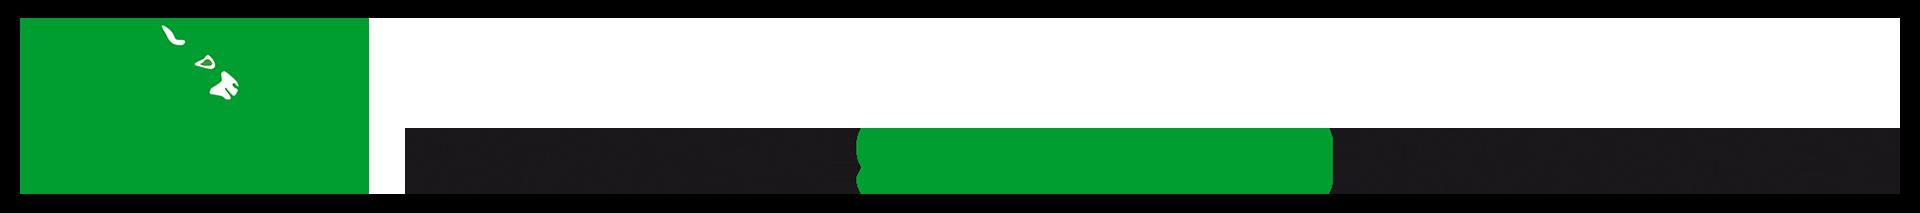 Logo der Firma Green Speed Donkey Frank Kandzia